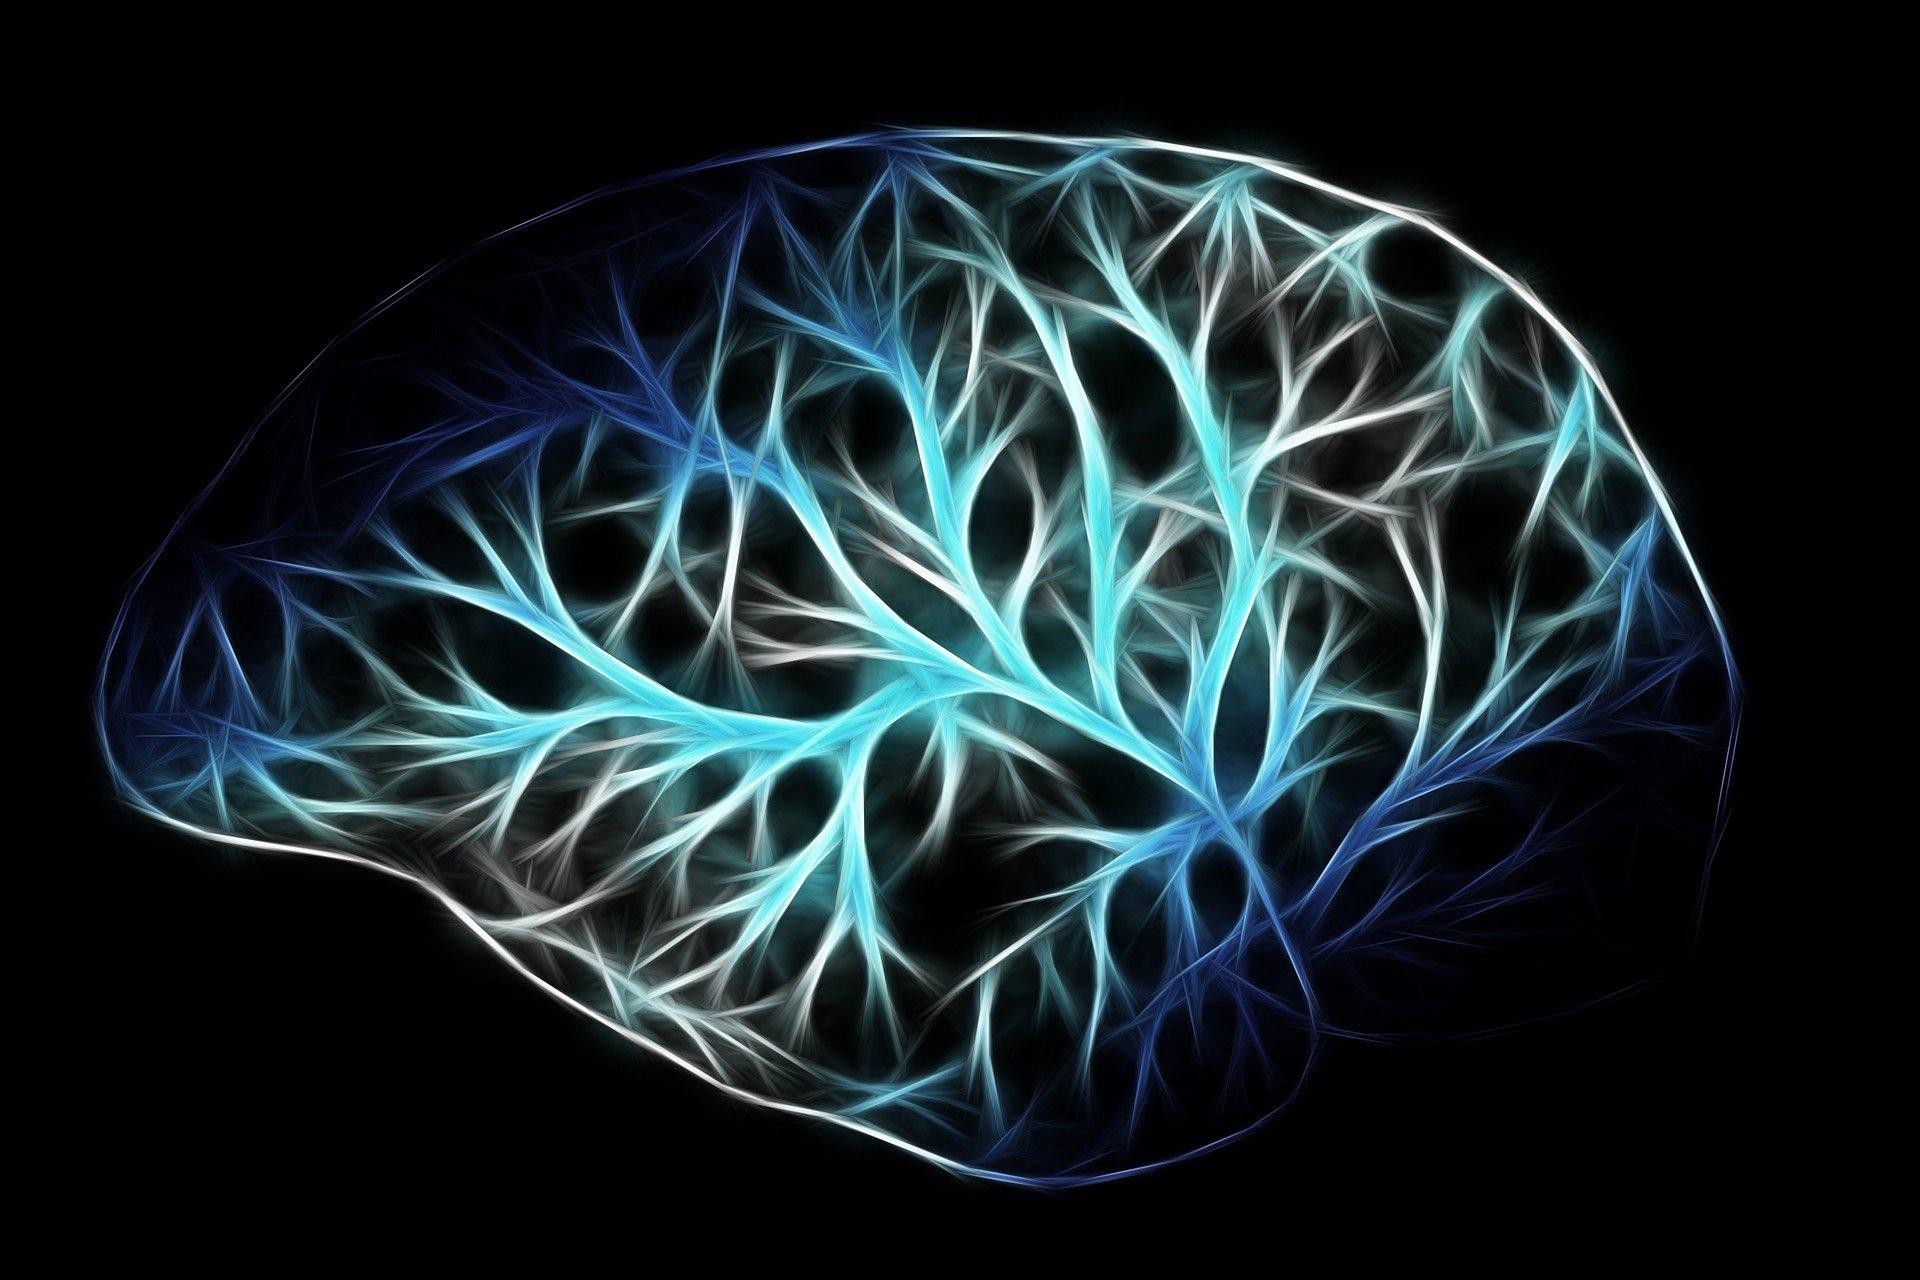 Tecnología cerebral, podría mejorar la experiencia en videojuegos